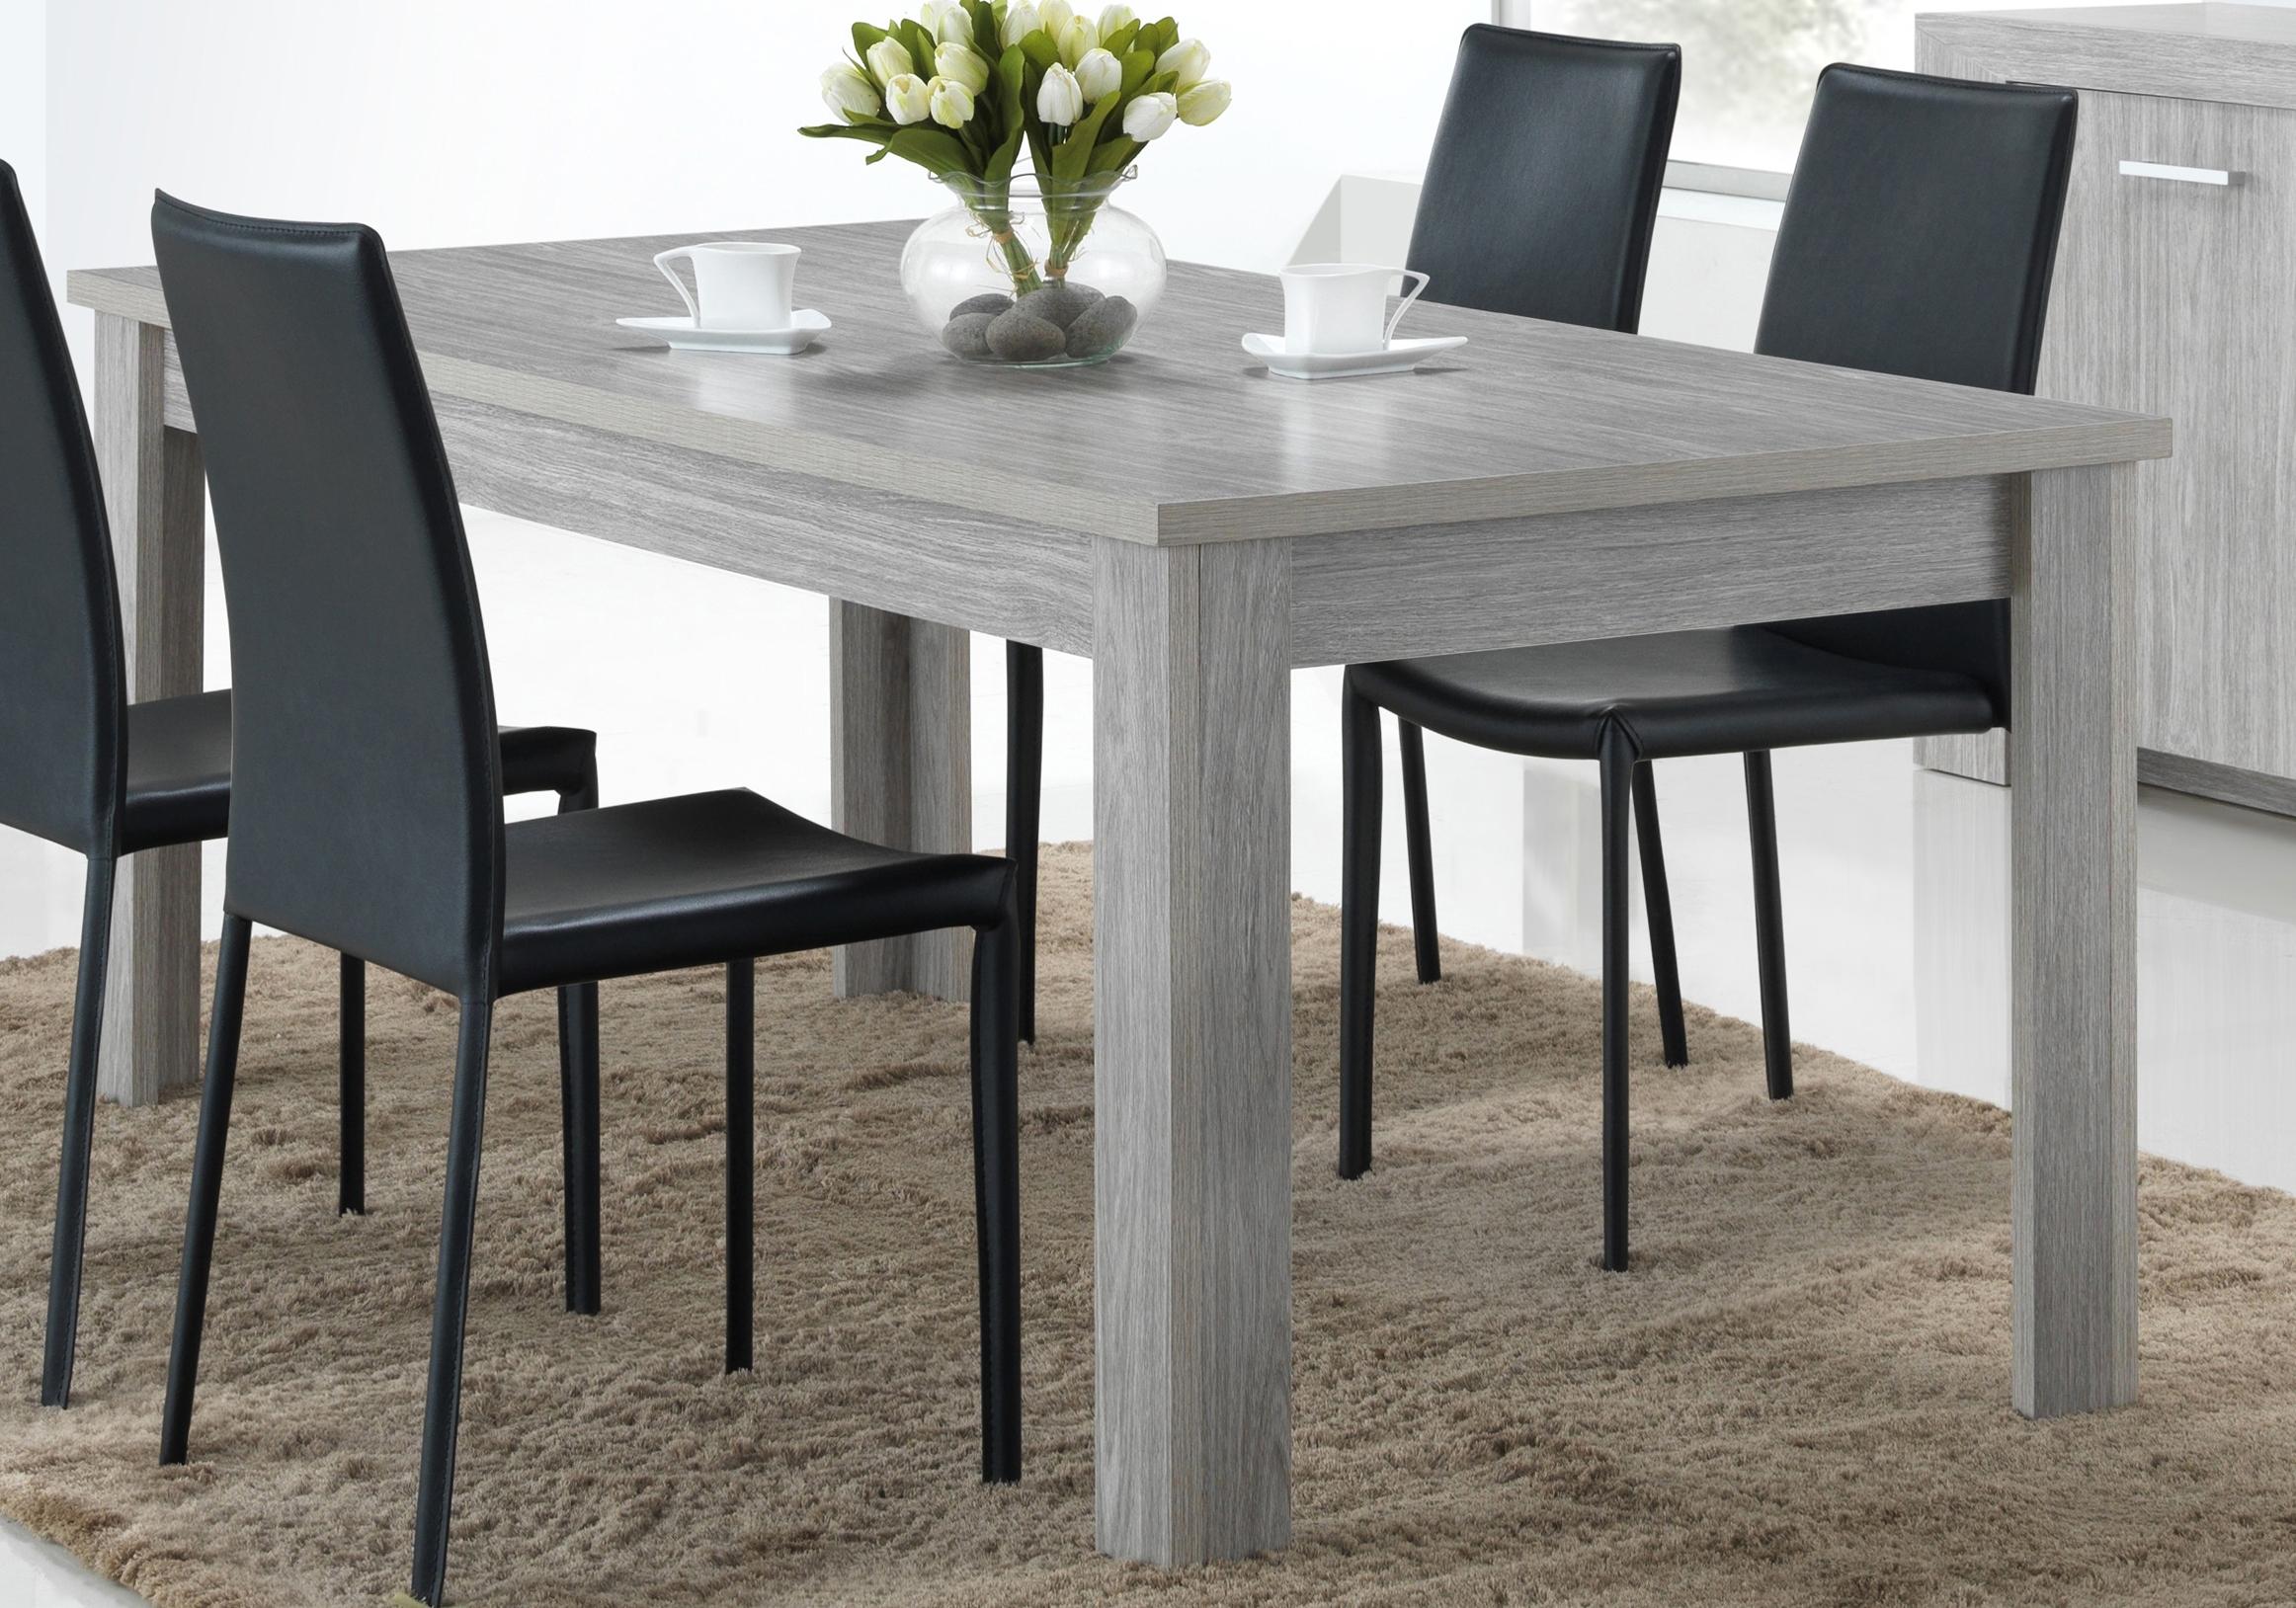 Table de salle à manger contemporaine chêne gris Paola